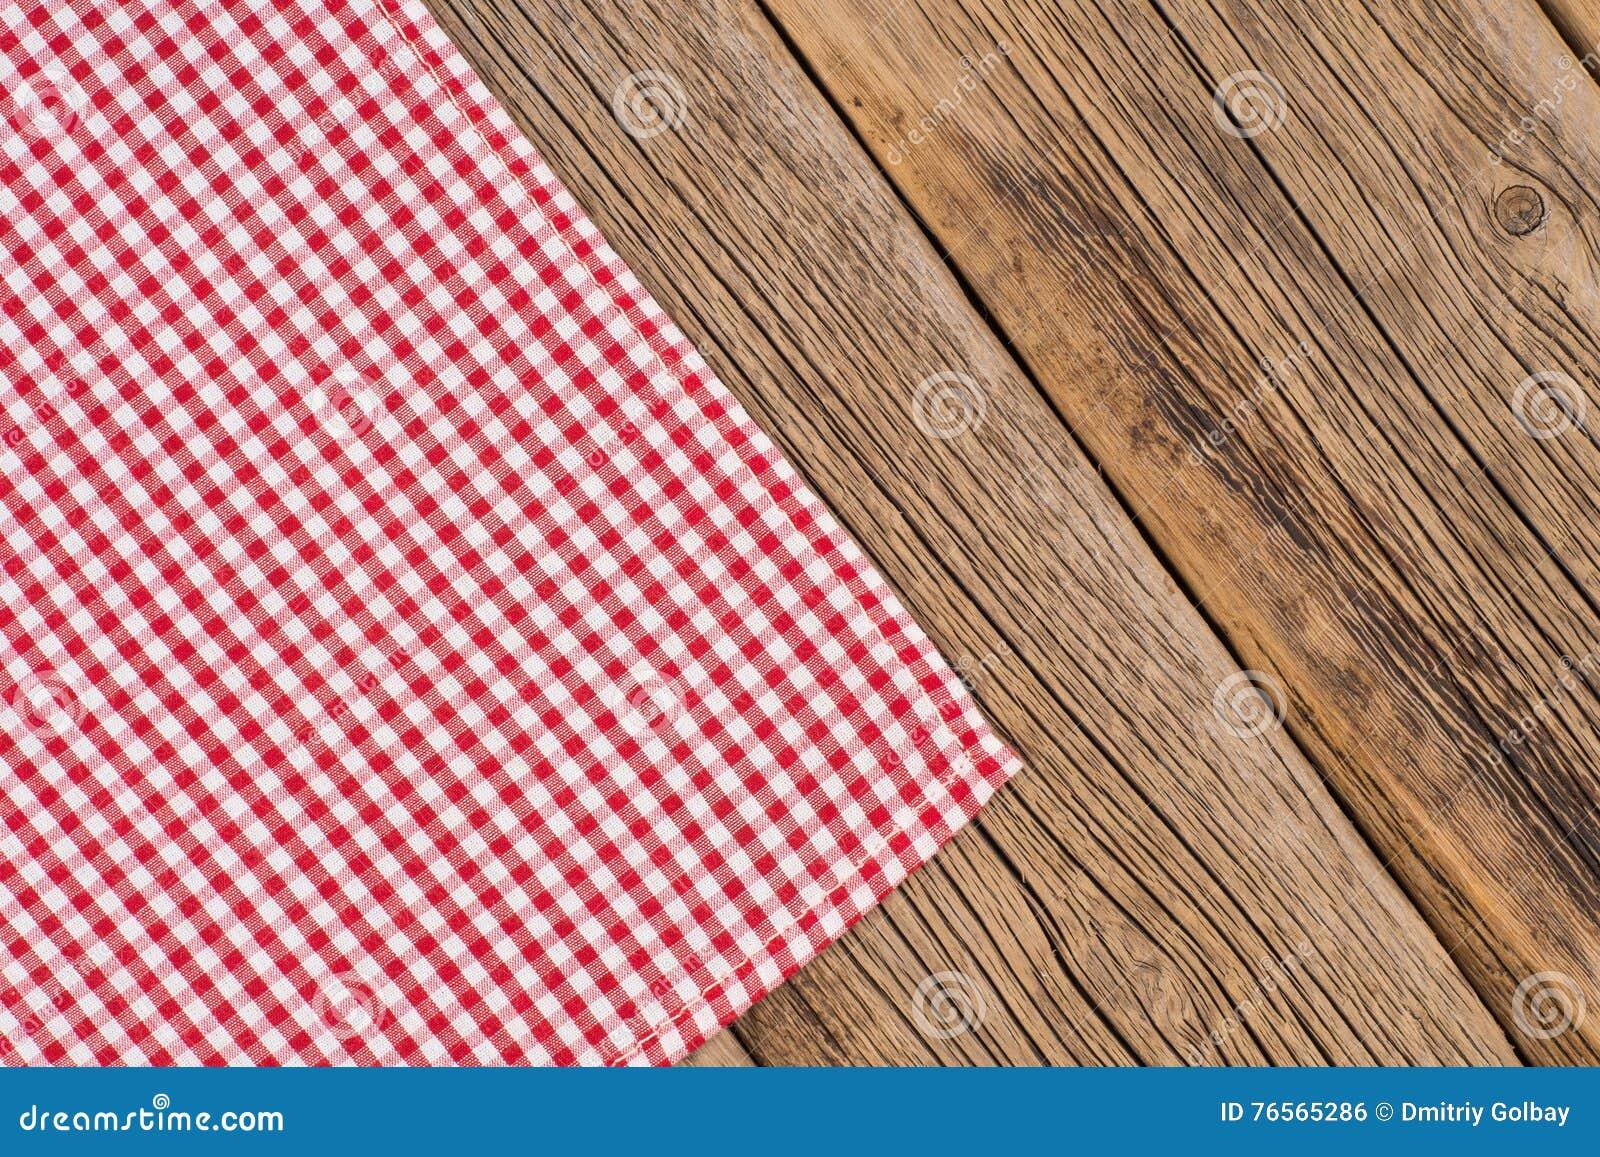 rustikale h lzerne bretter mit einer roten karierten tischdecke stockfoto bild 76565286. Black Bedroom Furniture Sets. Home Design Ideas